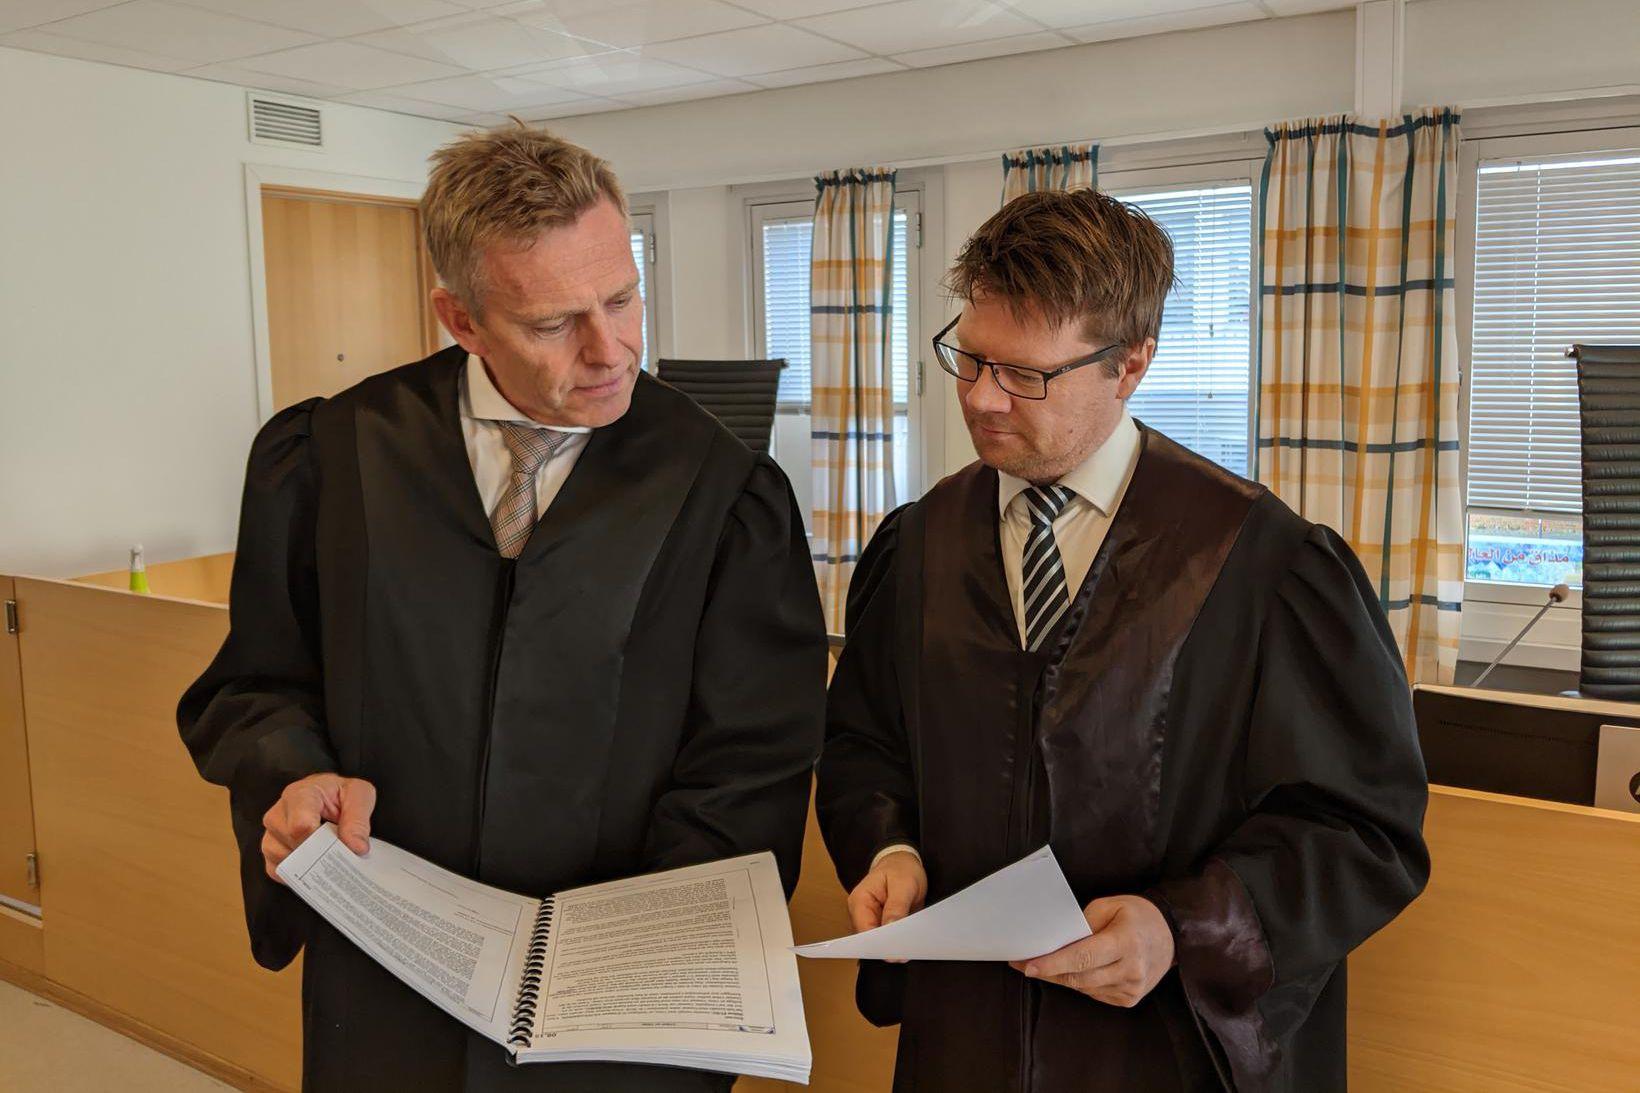 Þeir Torstein Lindquister héraðssaksóknari, vinstra megin, og Bjørn Andre Gulstad, …